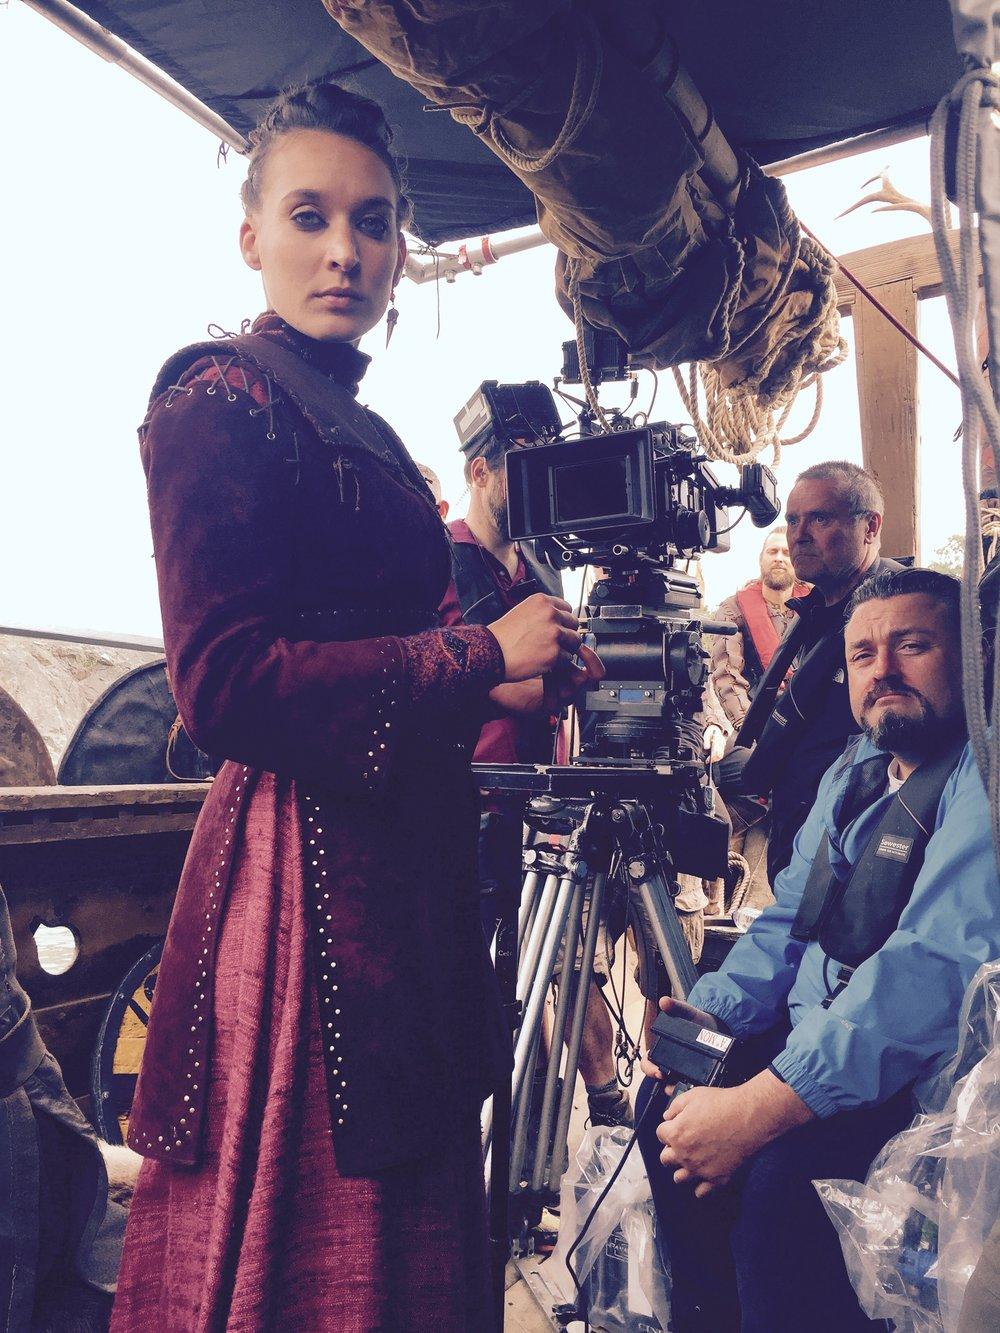 Behind the scenes of Vikings season 5